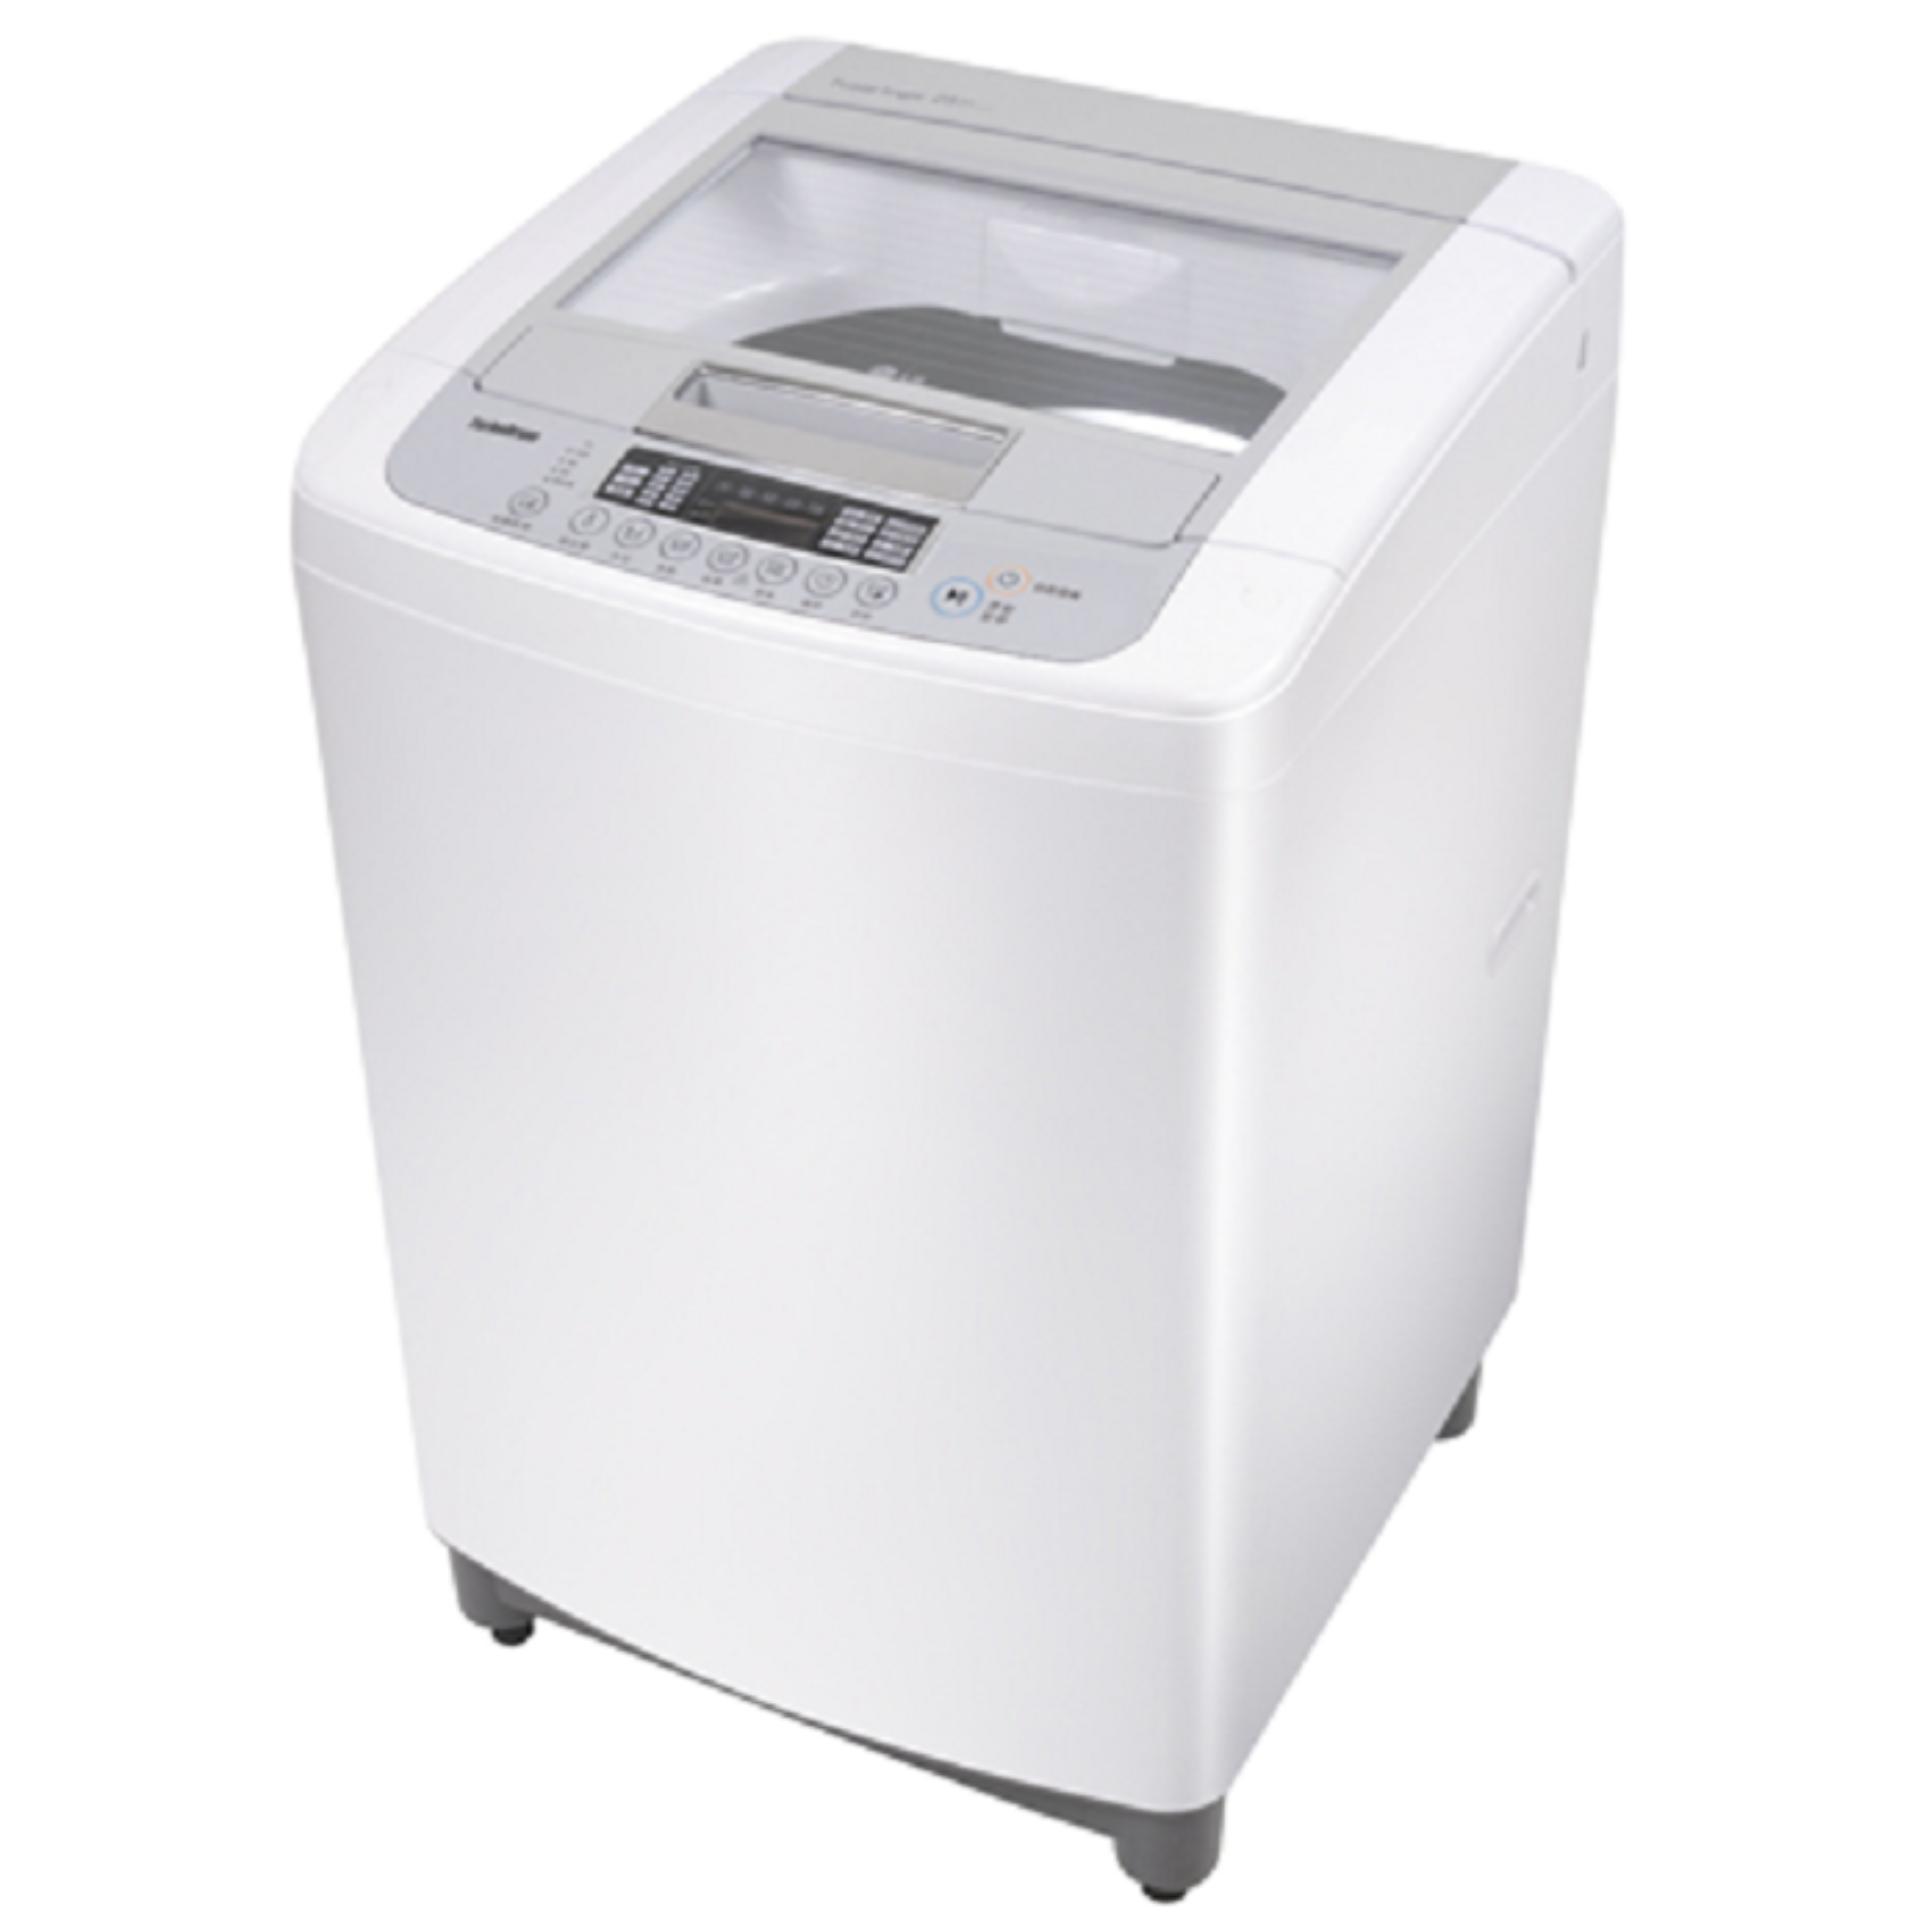 Máy giặt lồng đứng LG T2395VSPW (Trắng)